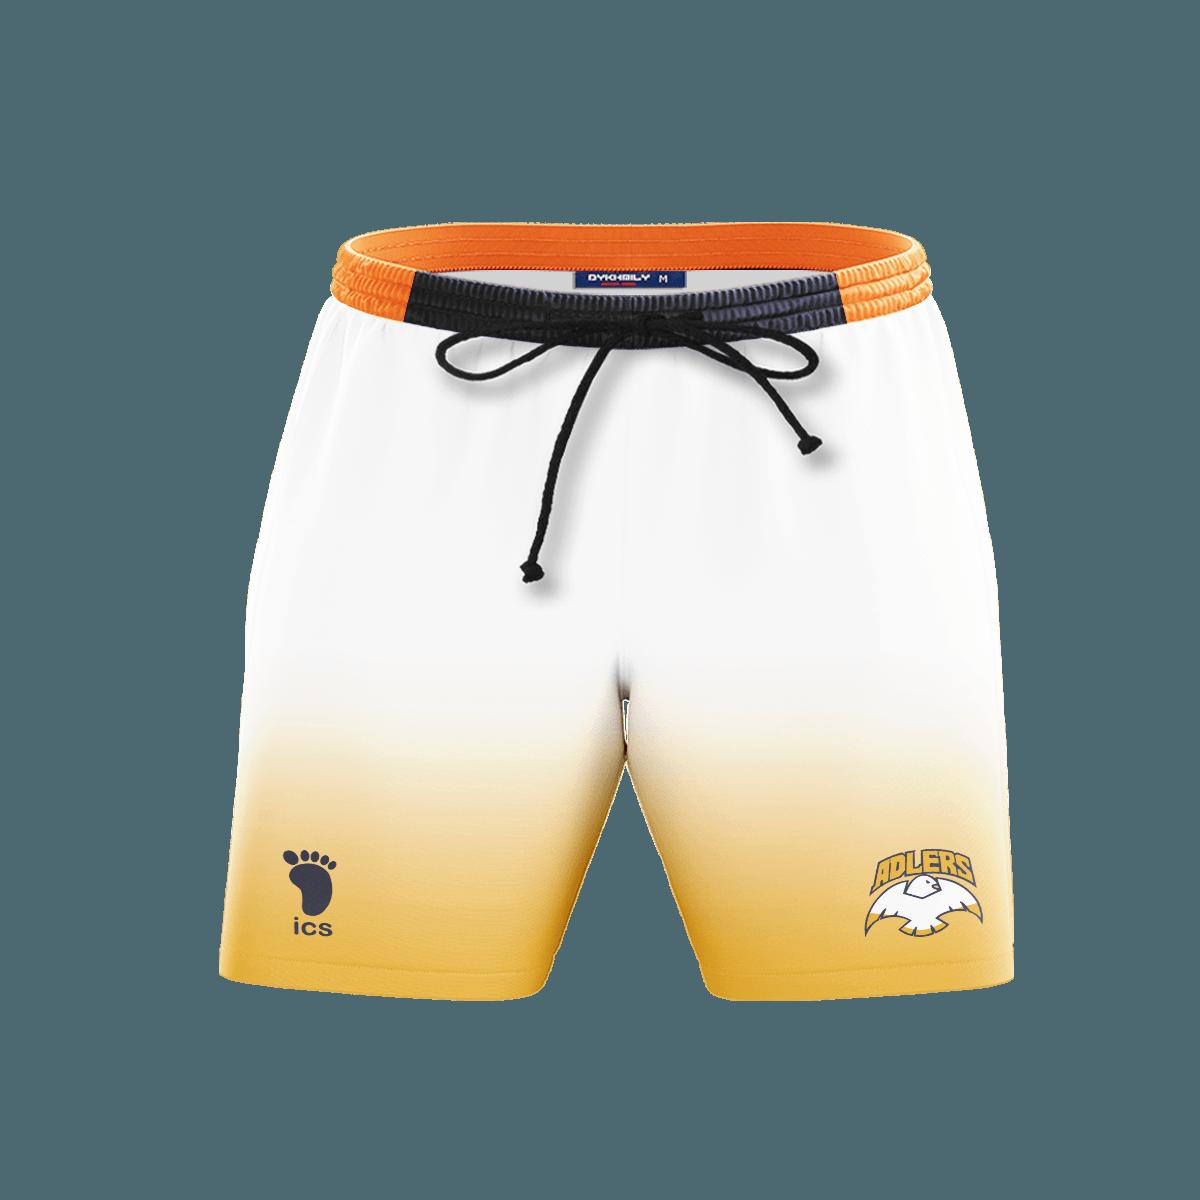 Schweiden Adlers Beach Shorts FDM3107 S Official Anime Swimsuit Merch